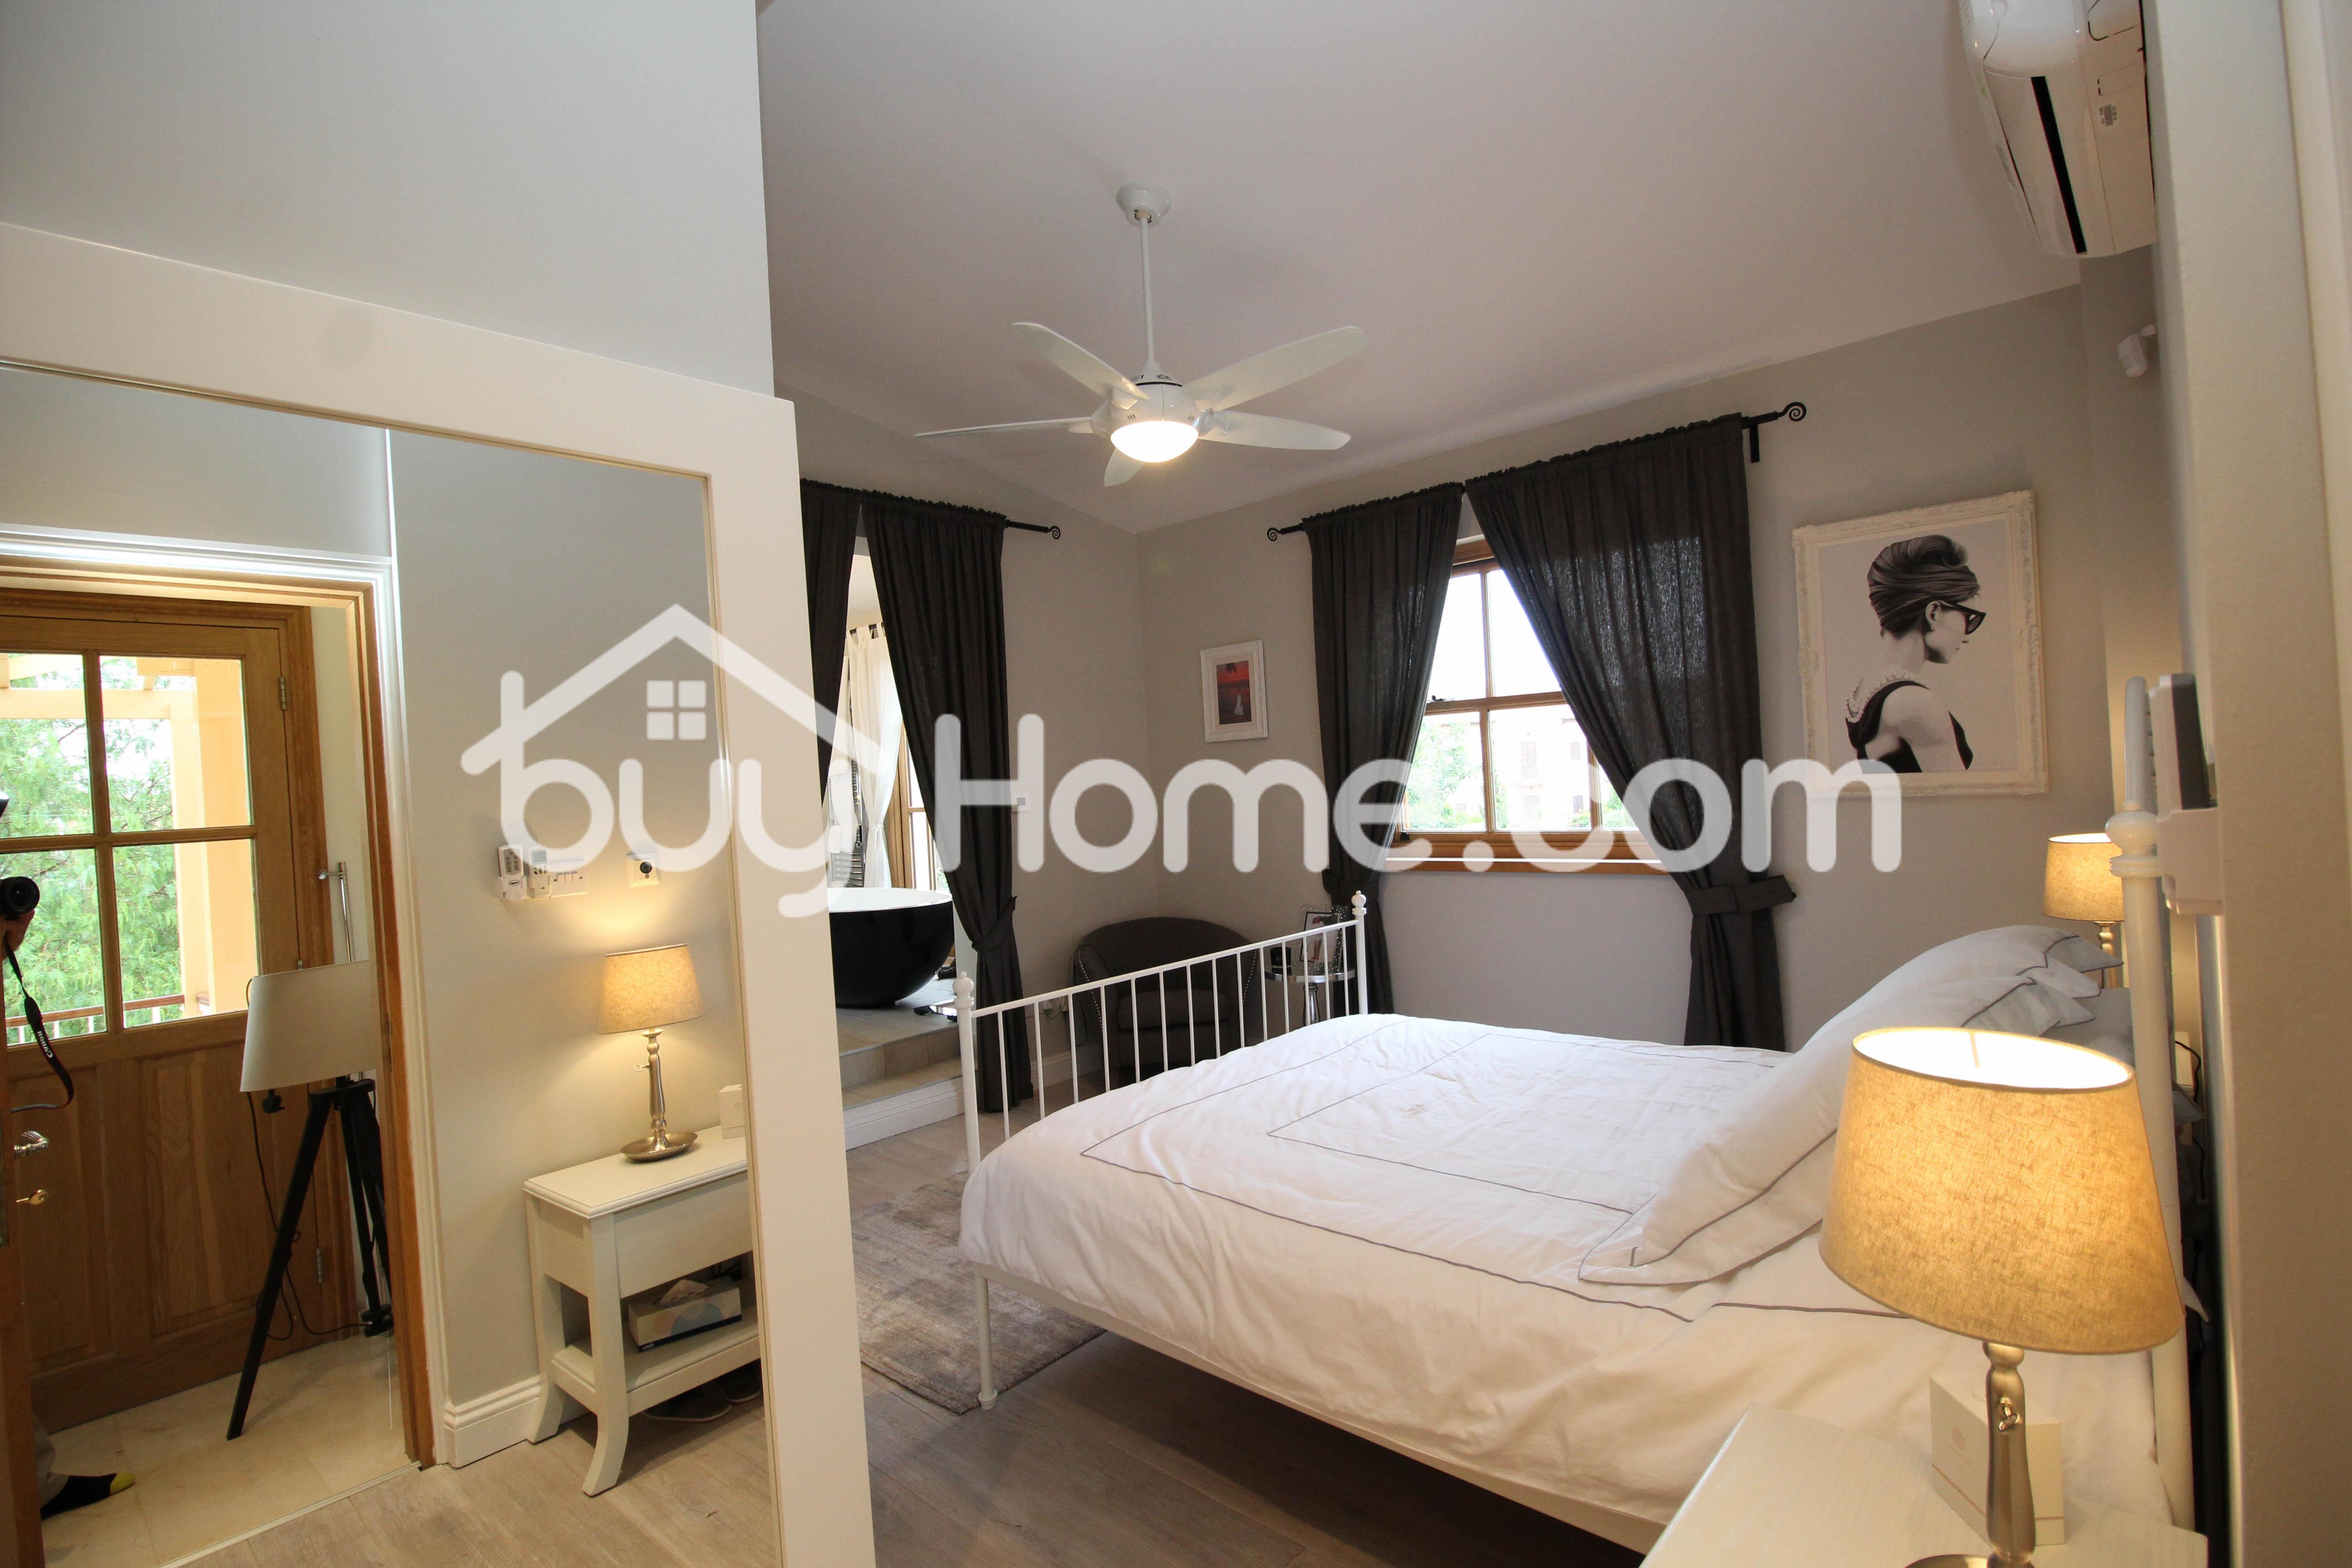 Luxury Detached Villa | BuyHome